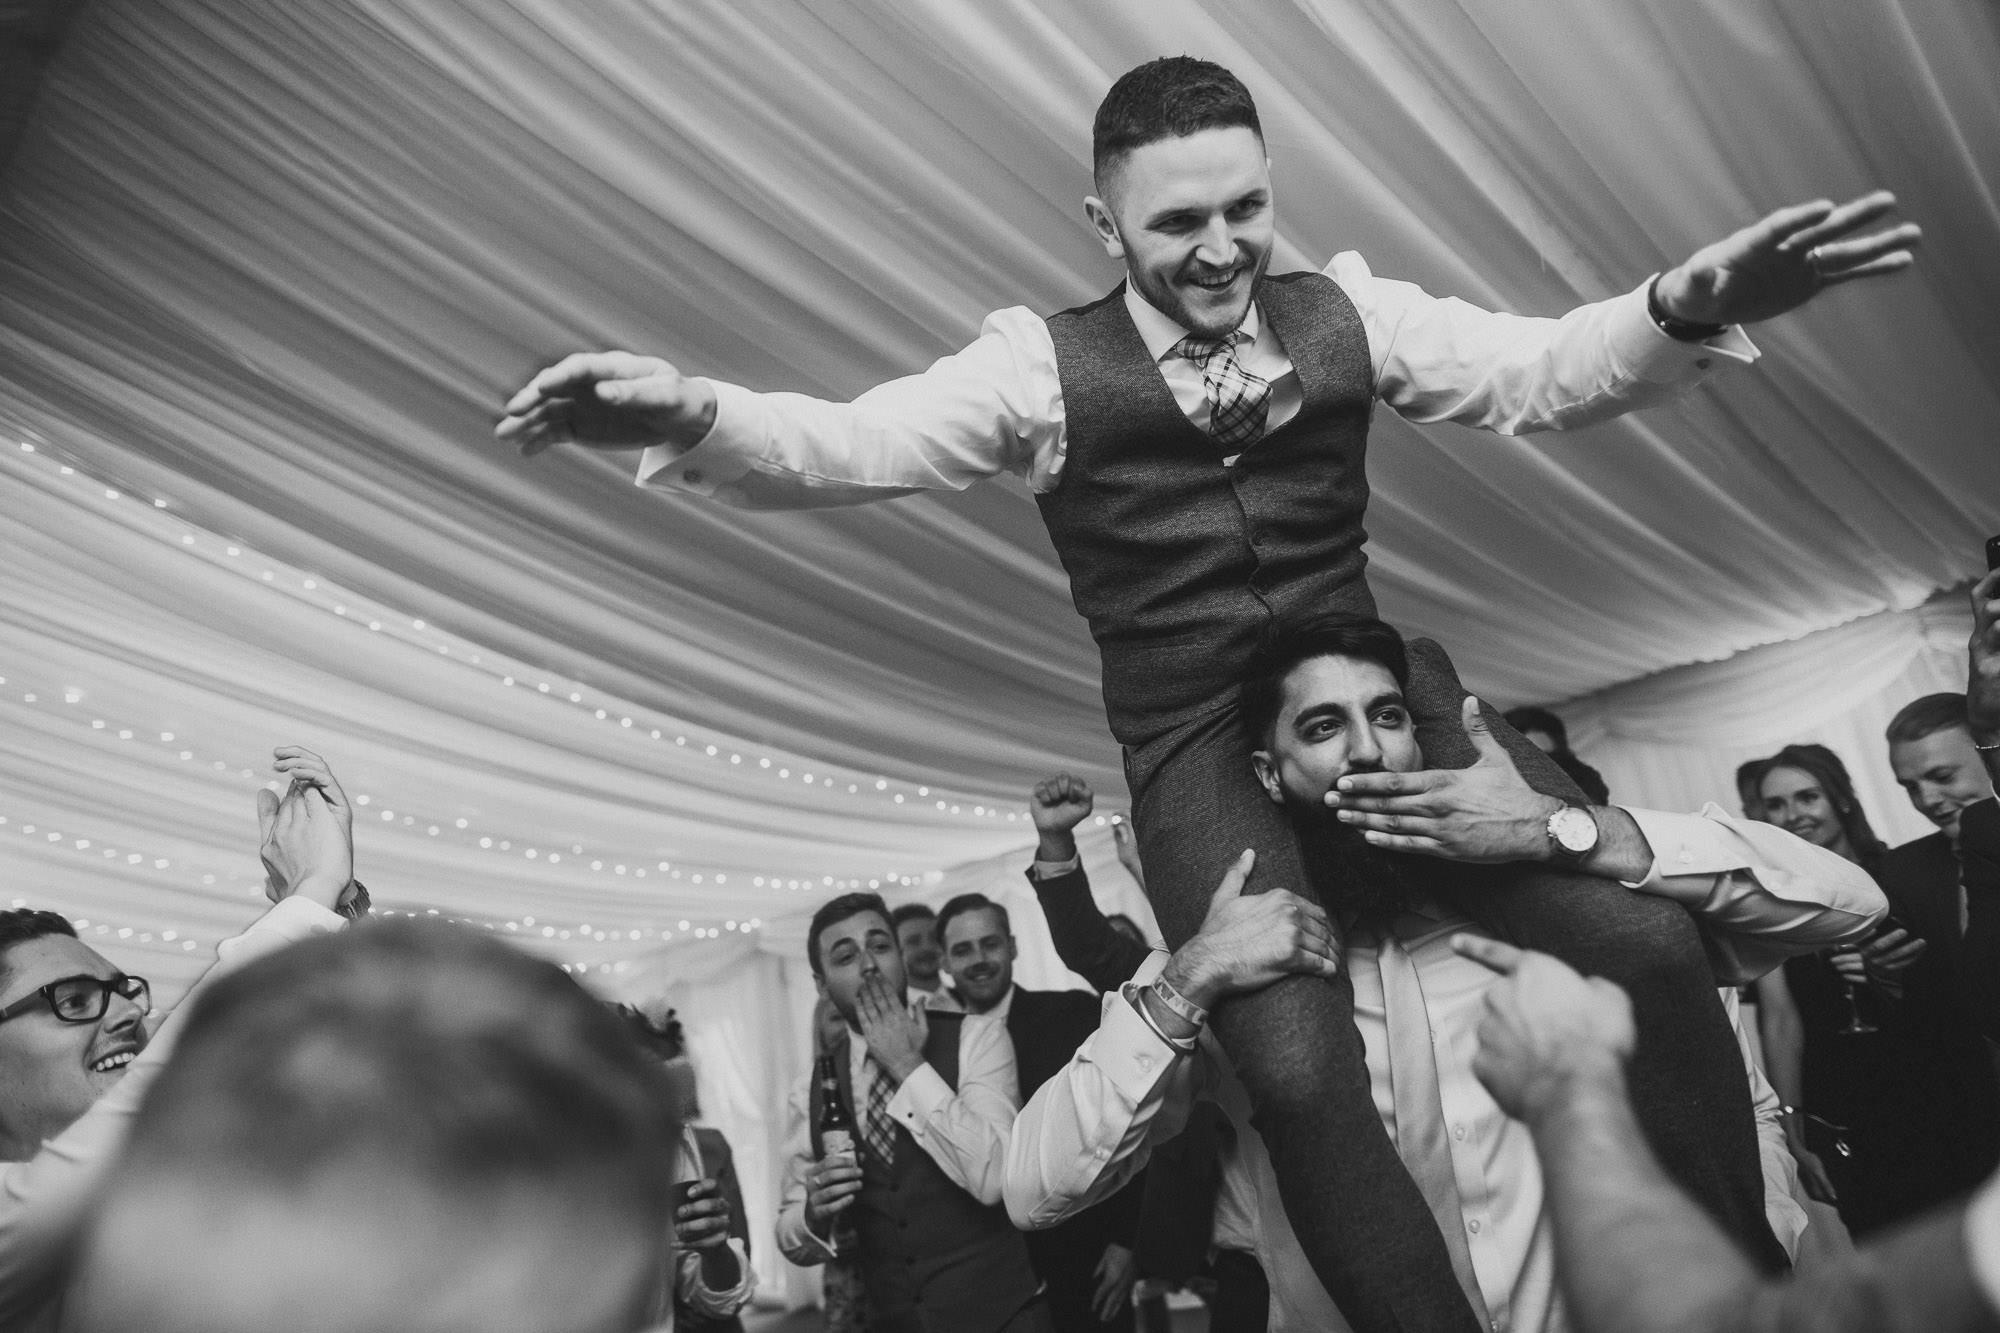 Groombridge-place-wedding-photography-103.jpg